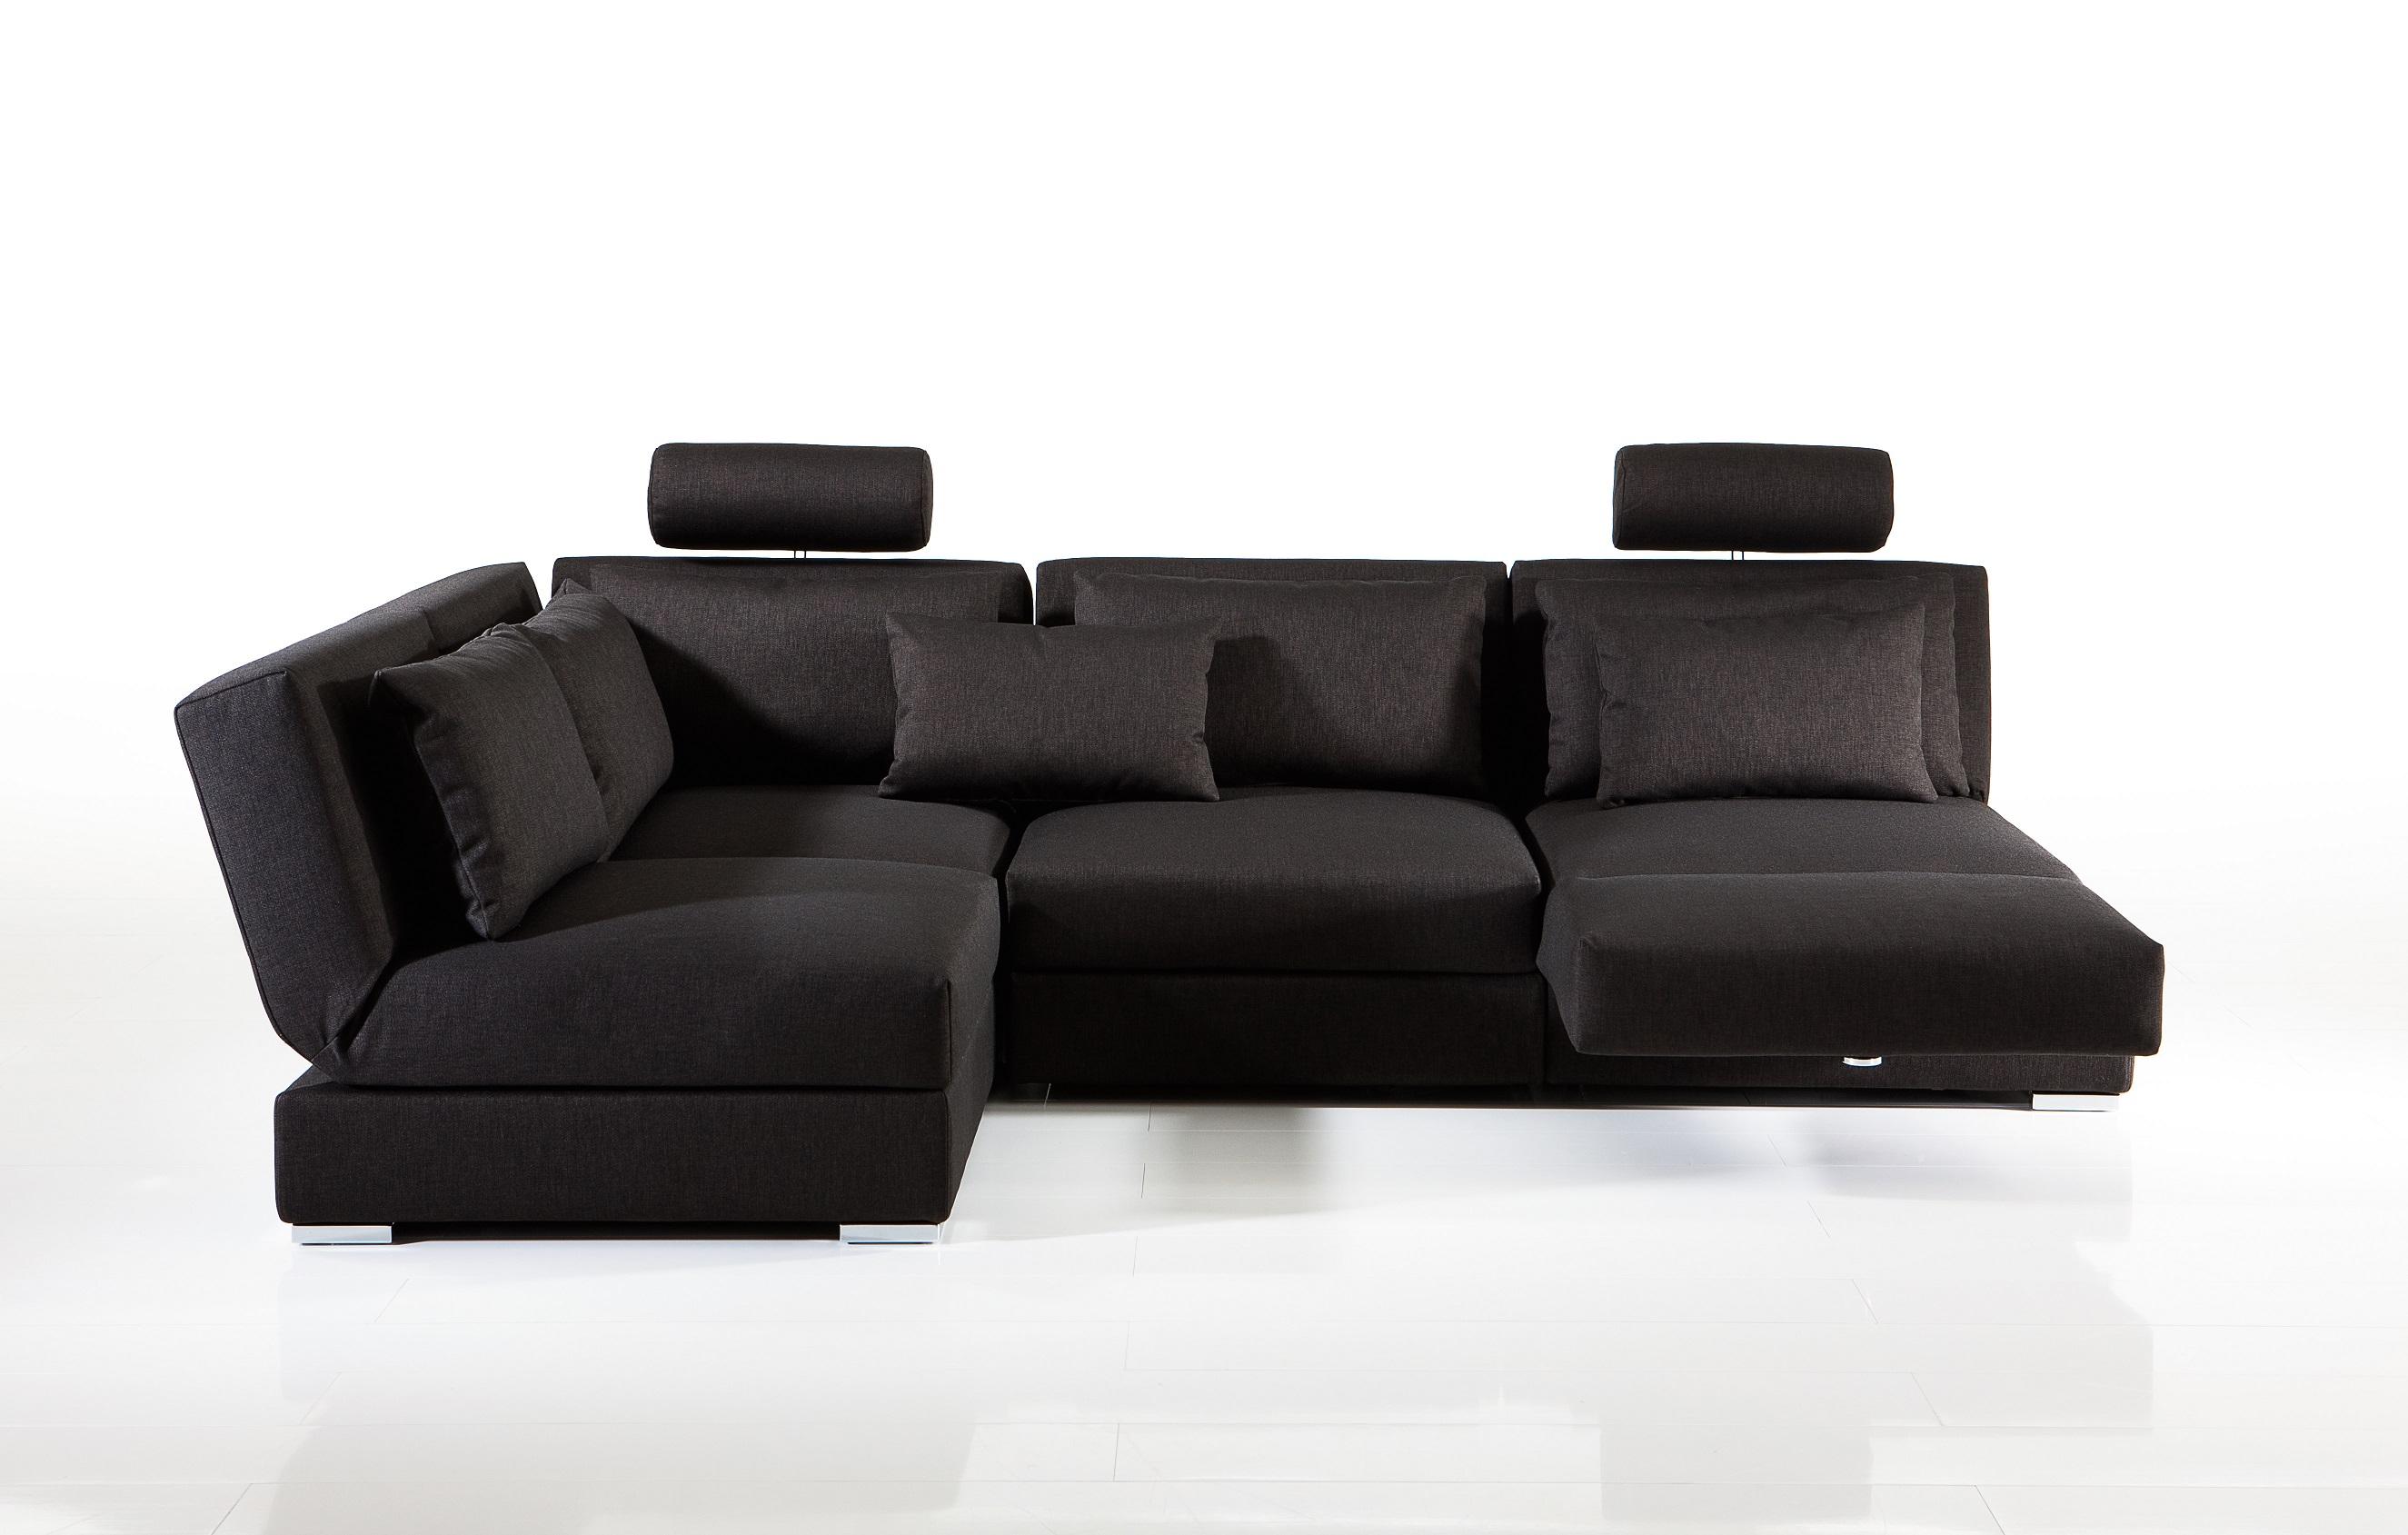 schlafsofa nook von br hl sippold. Black Bedroom Furniture Sets. Home Design Ideas